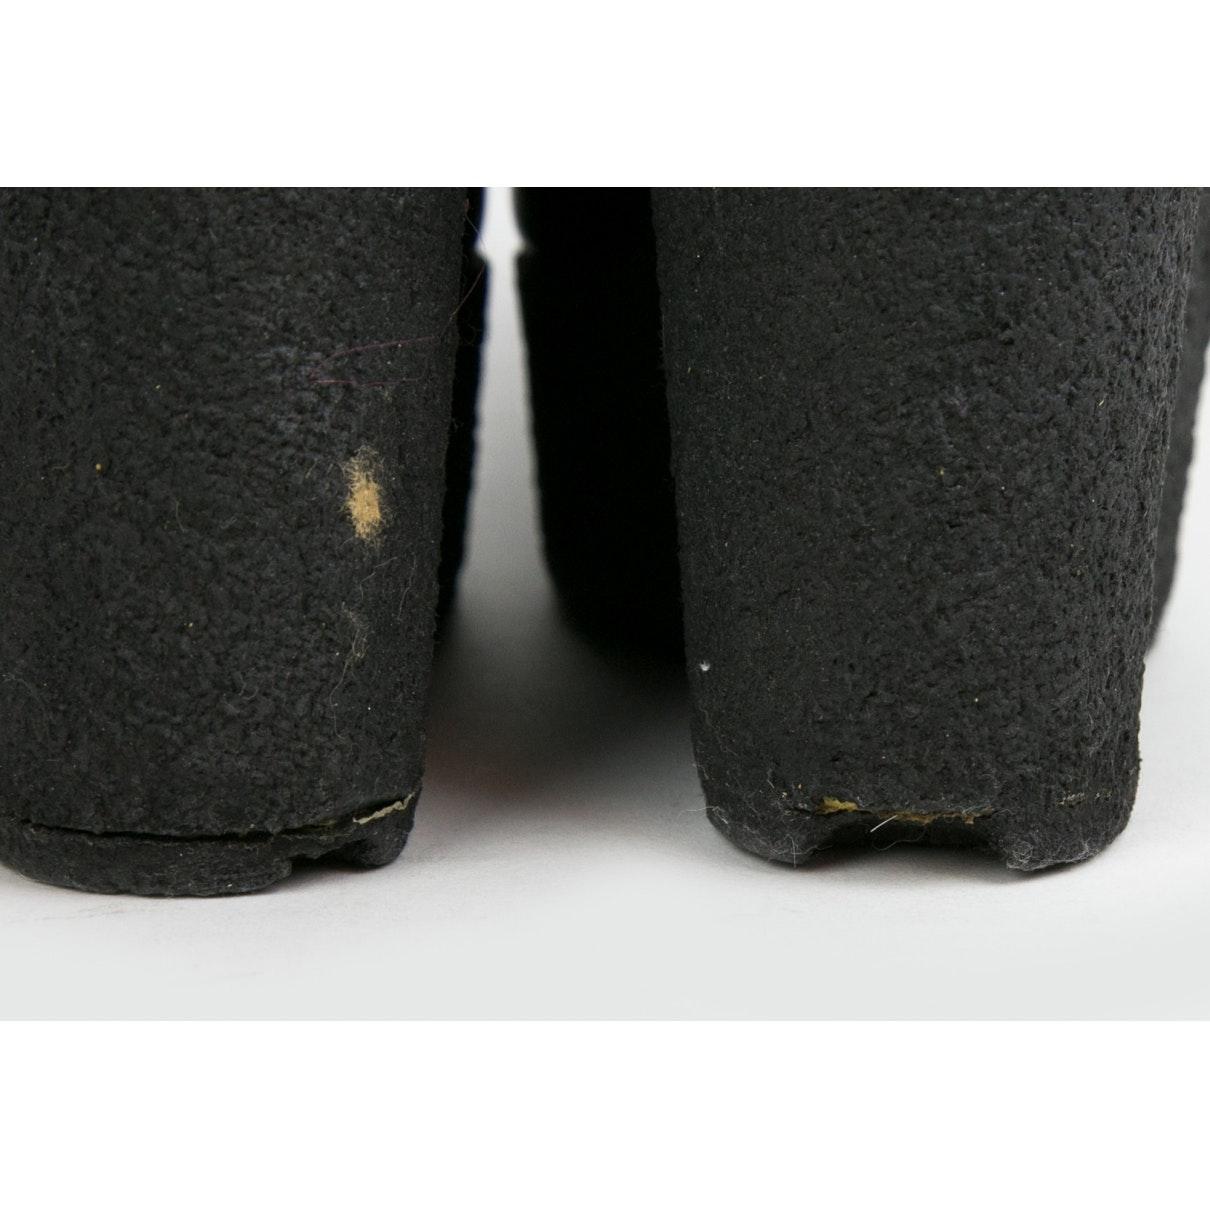 Tacones en cuero negro Celine de Cuero de color Negro